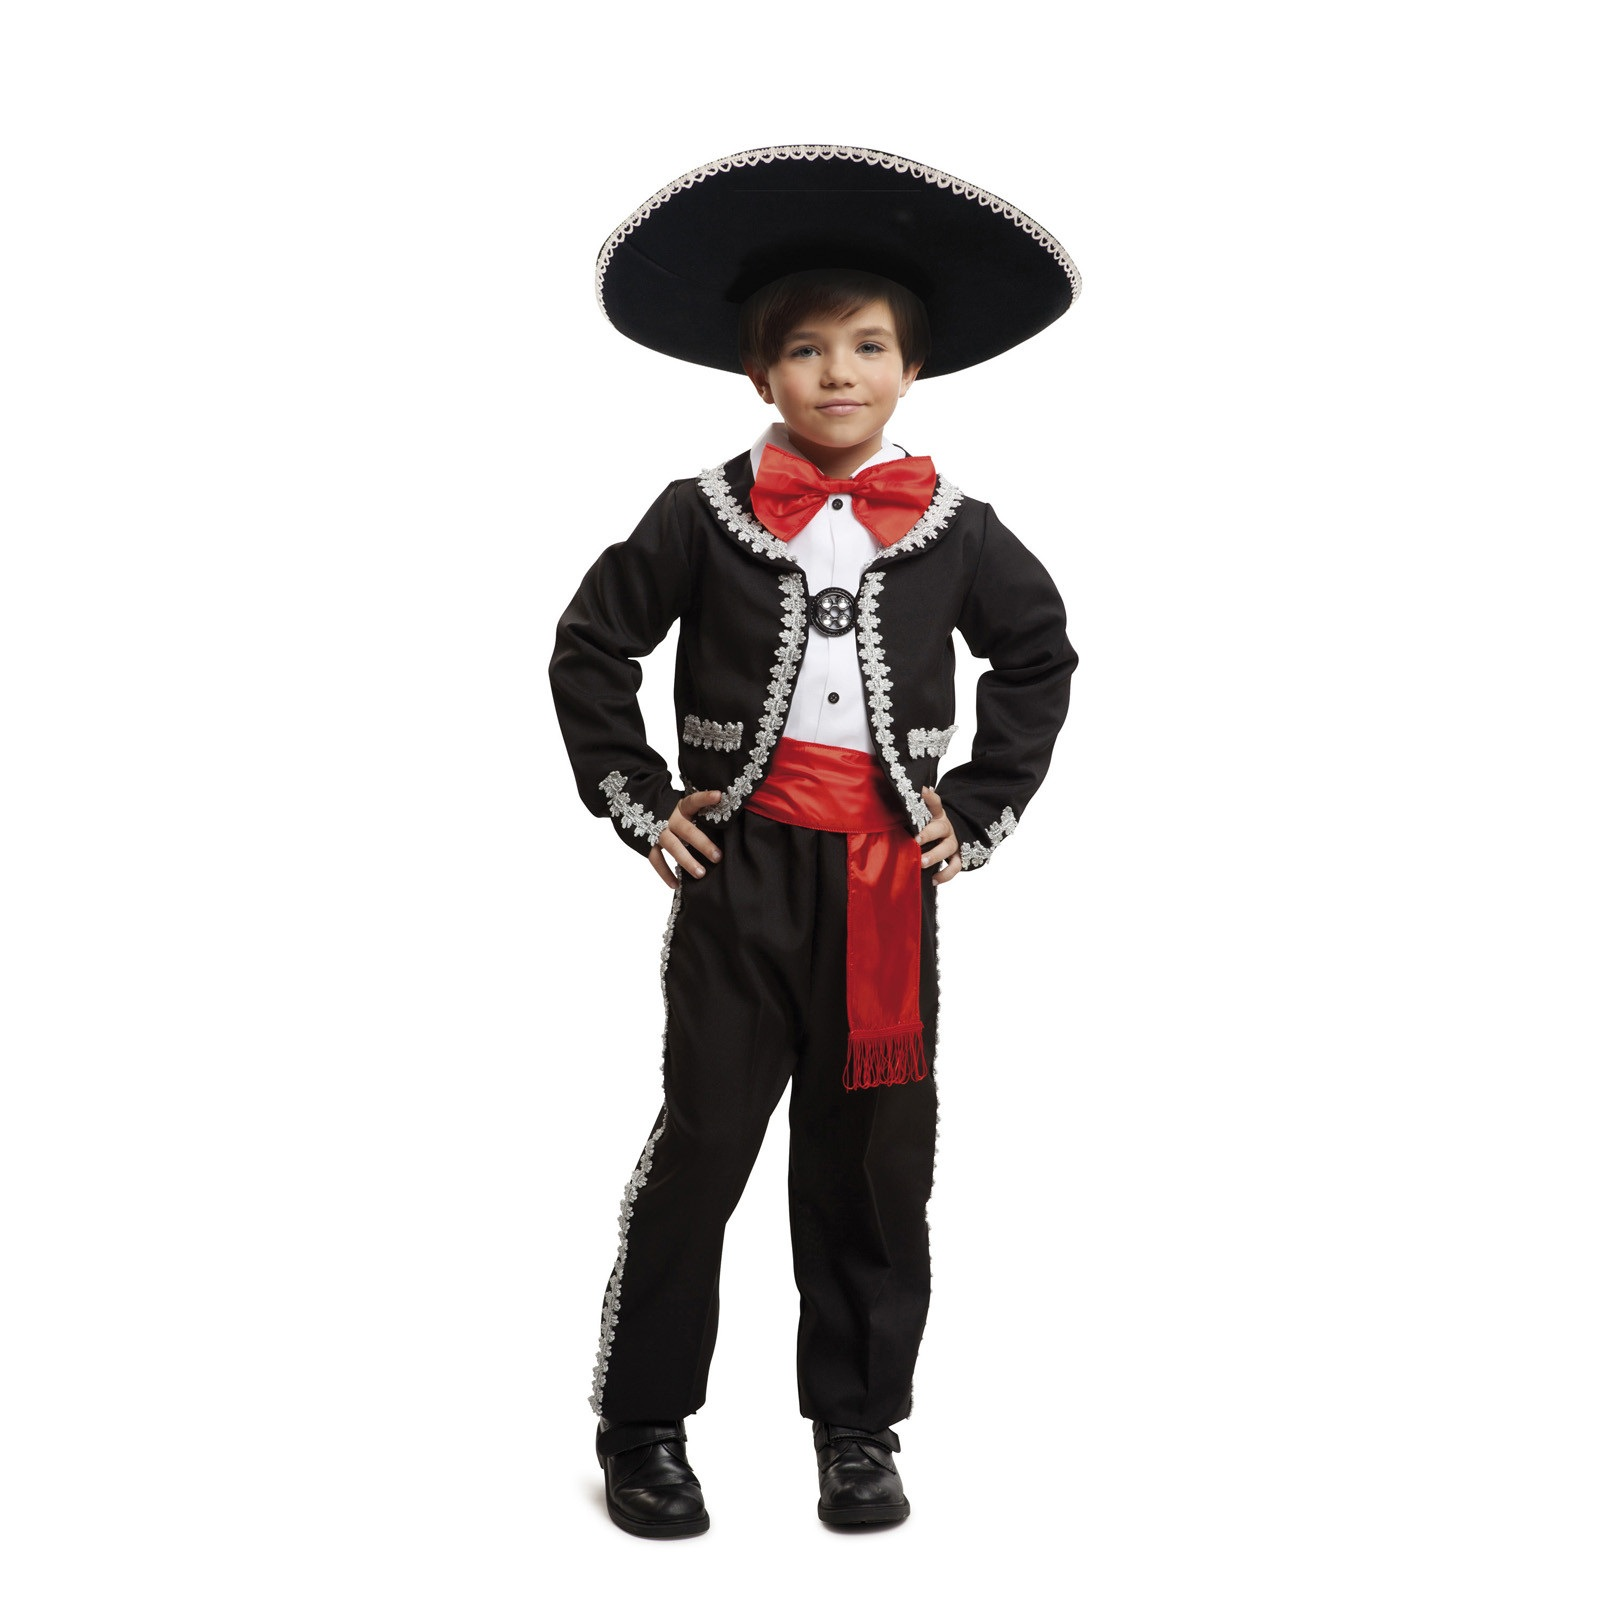 disfraz de mejicano niño 203317mom - DISFRAZ DE MEJICANO NIÑO